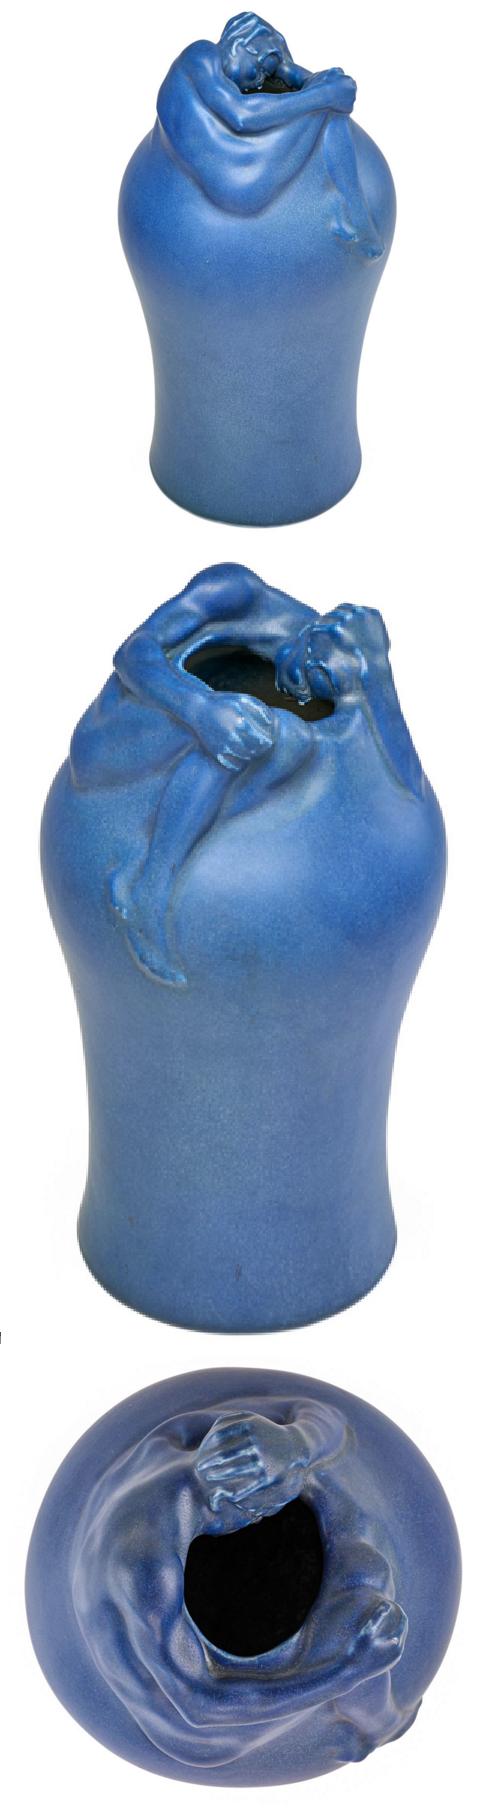 Van briggle important early and large despondency vase art art van briggle reviewsmspy